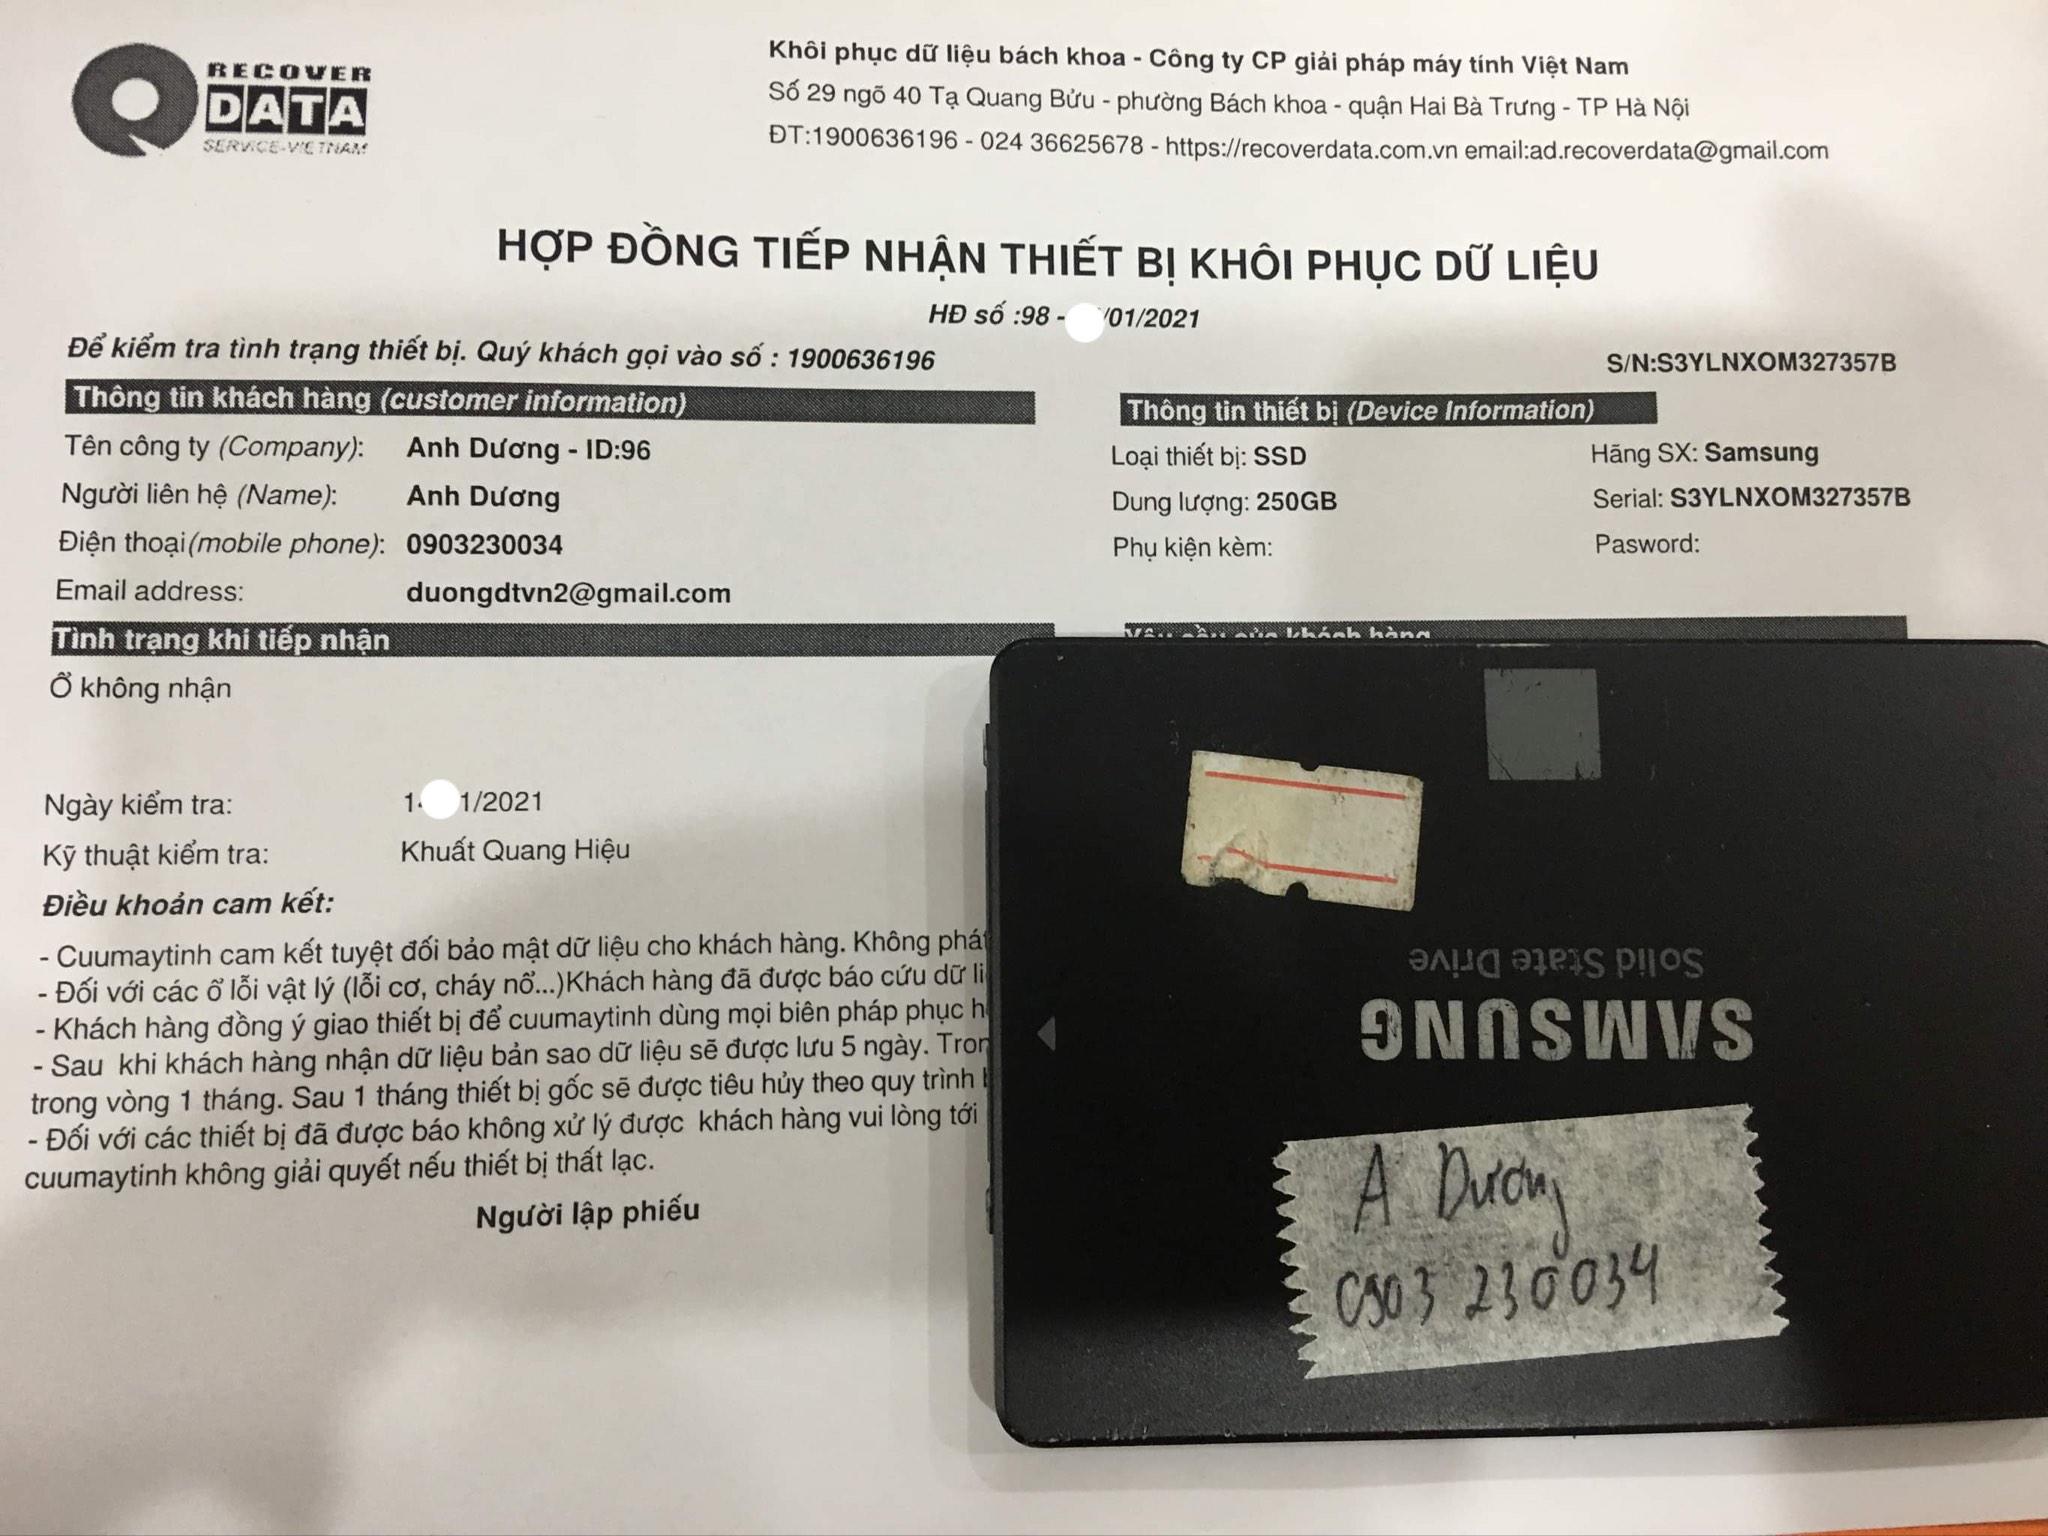 Cứu dữ liệu ổ cứng SSD 250GB không nhận - 25/01/2021